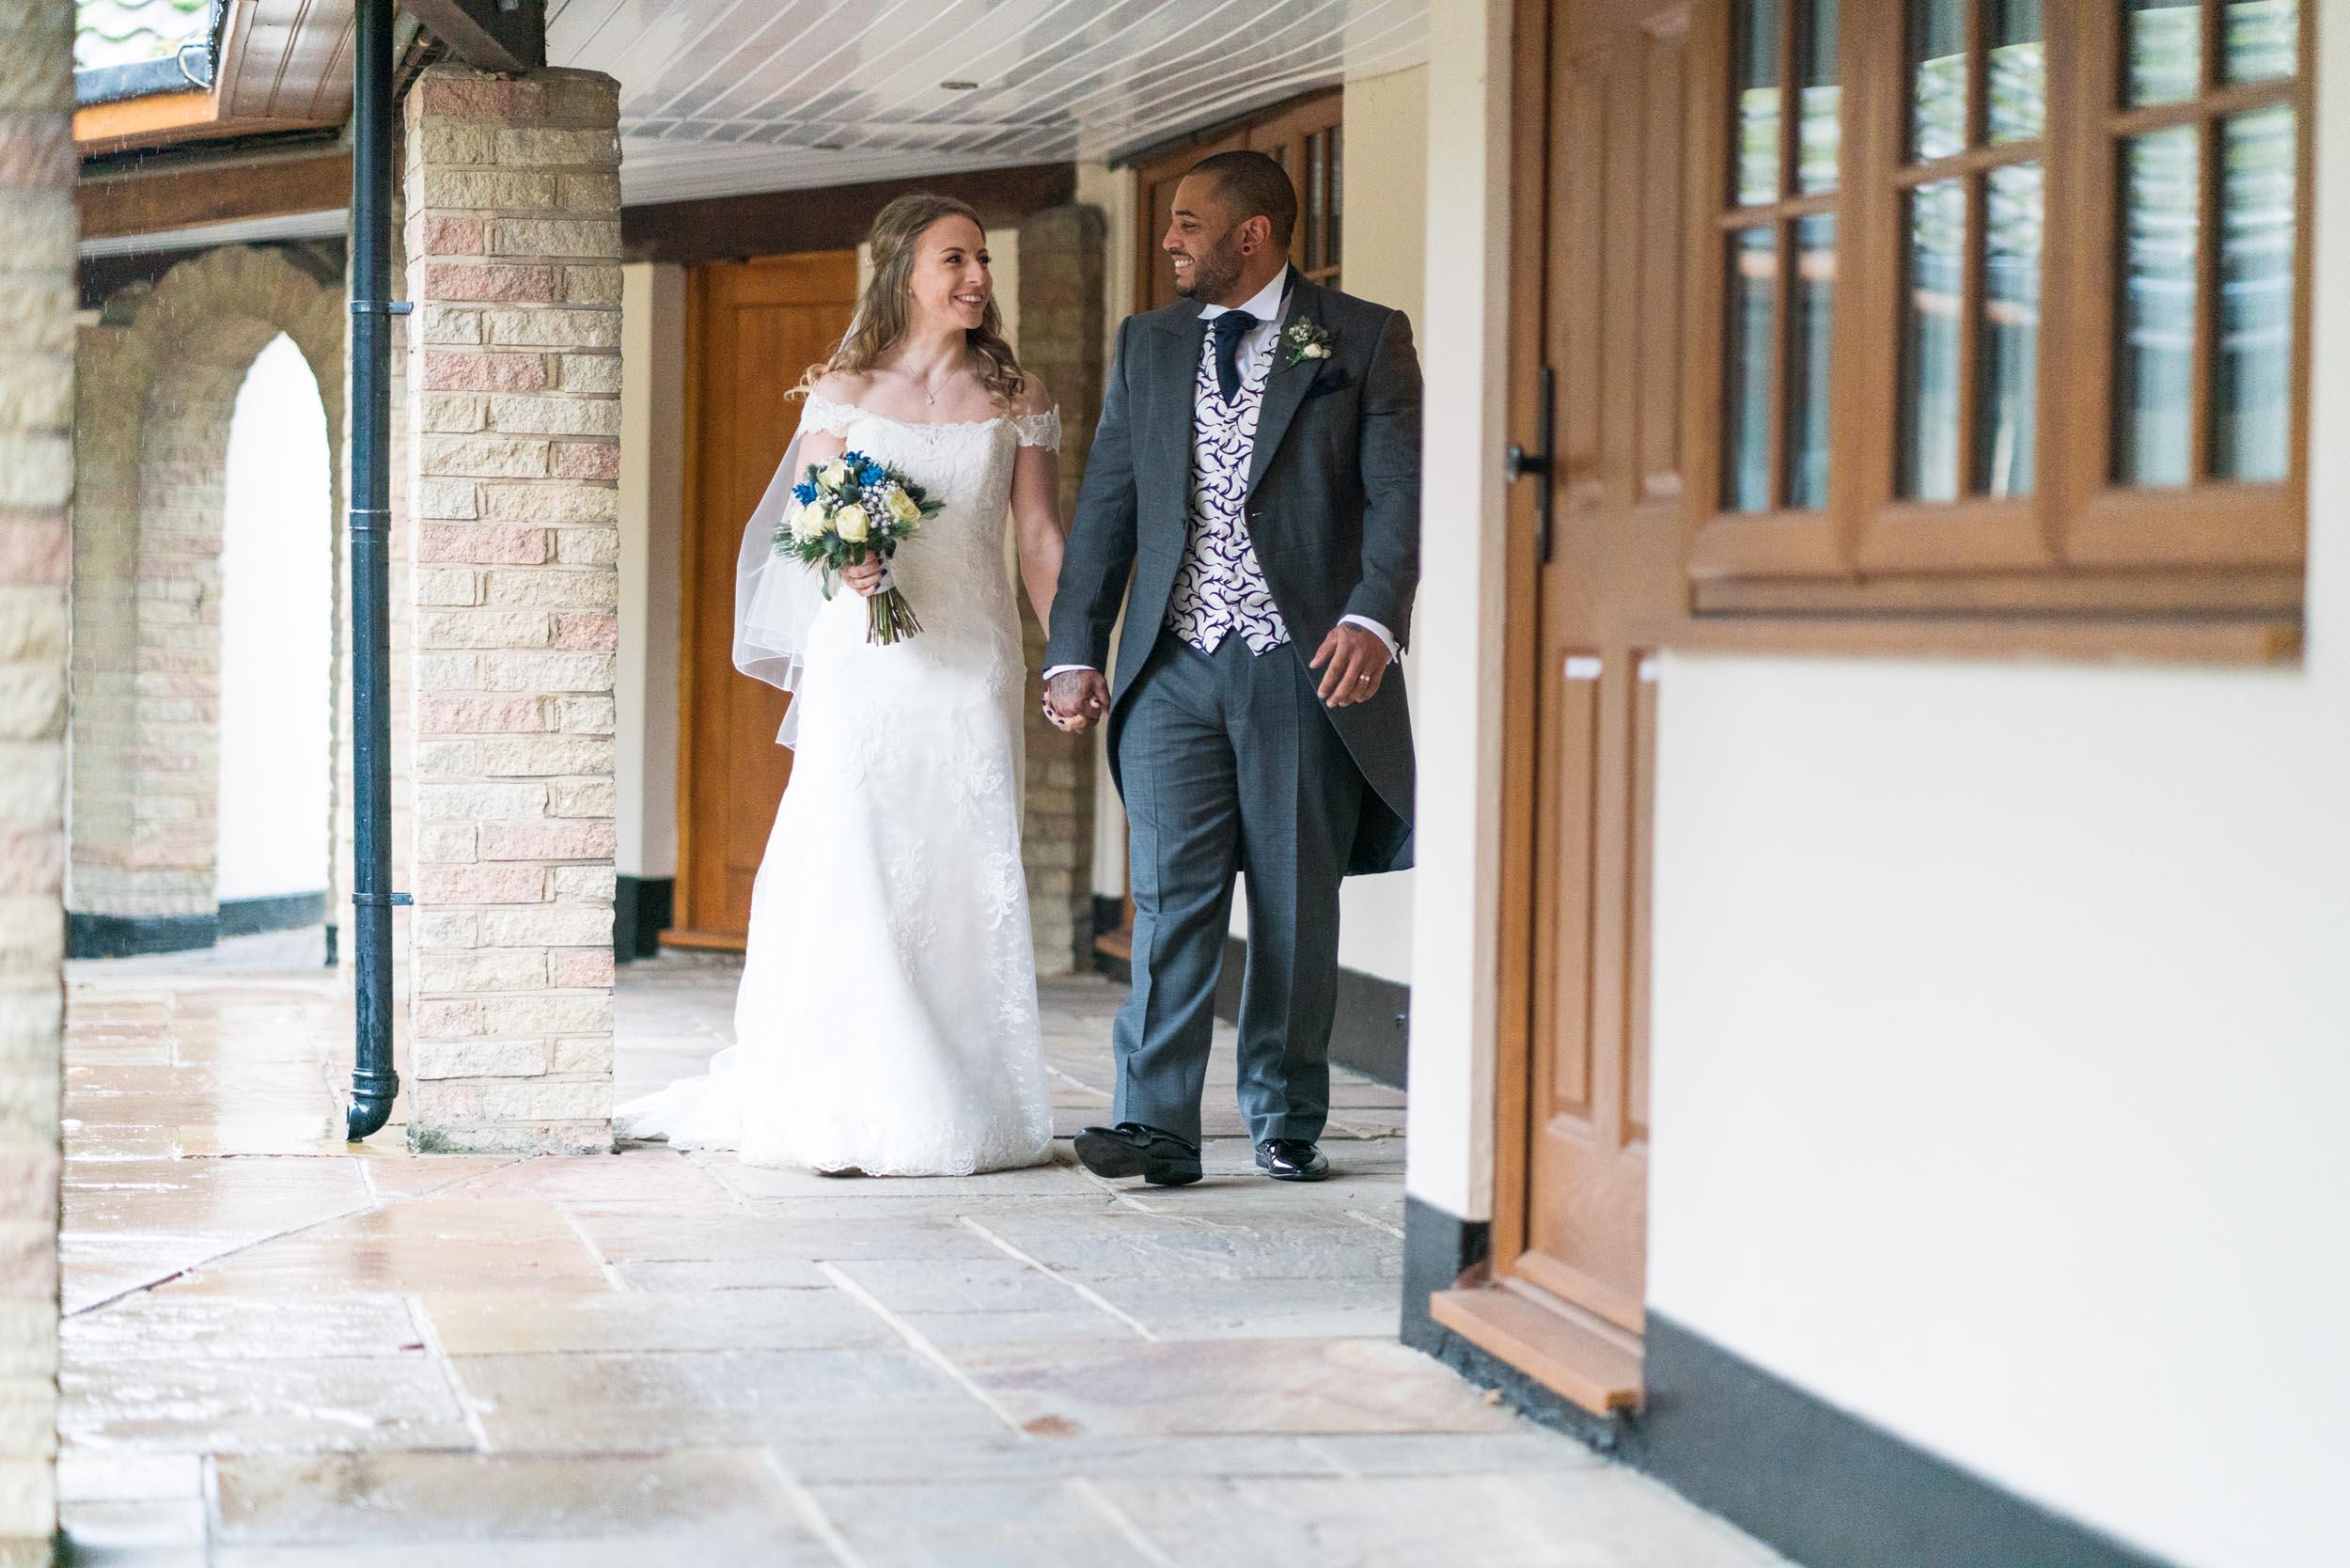 Ye Olde Plough House bride and groom walking